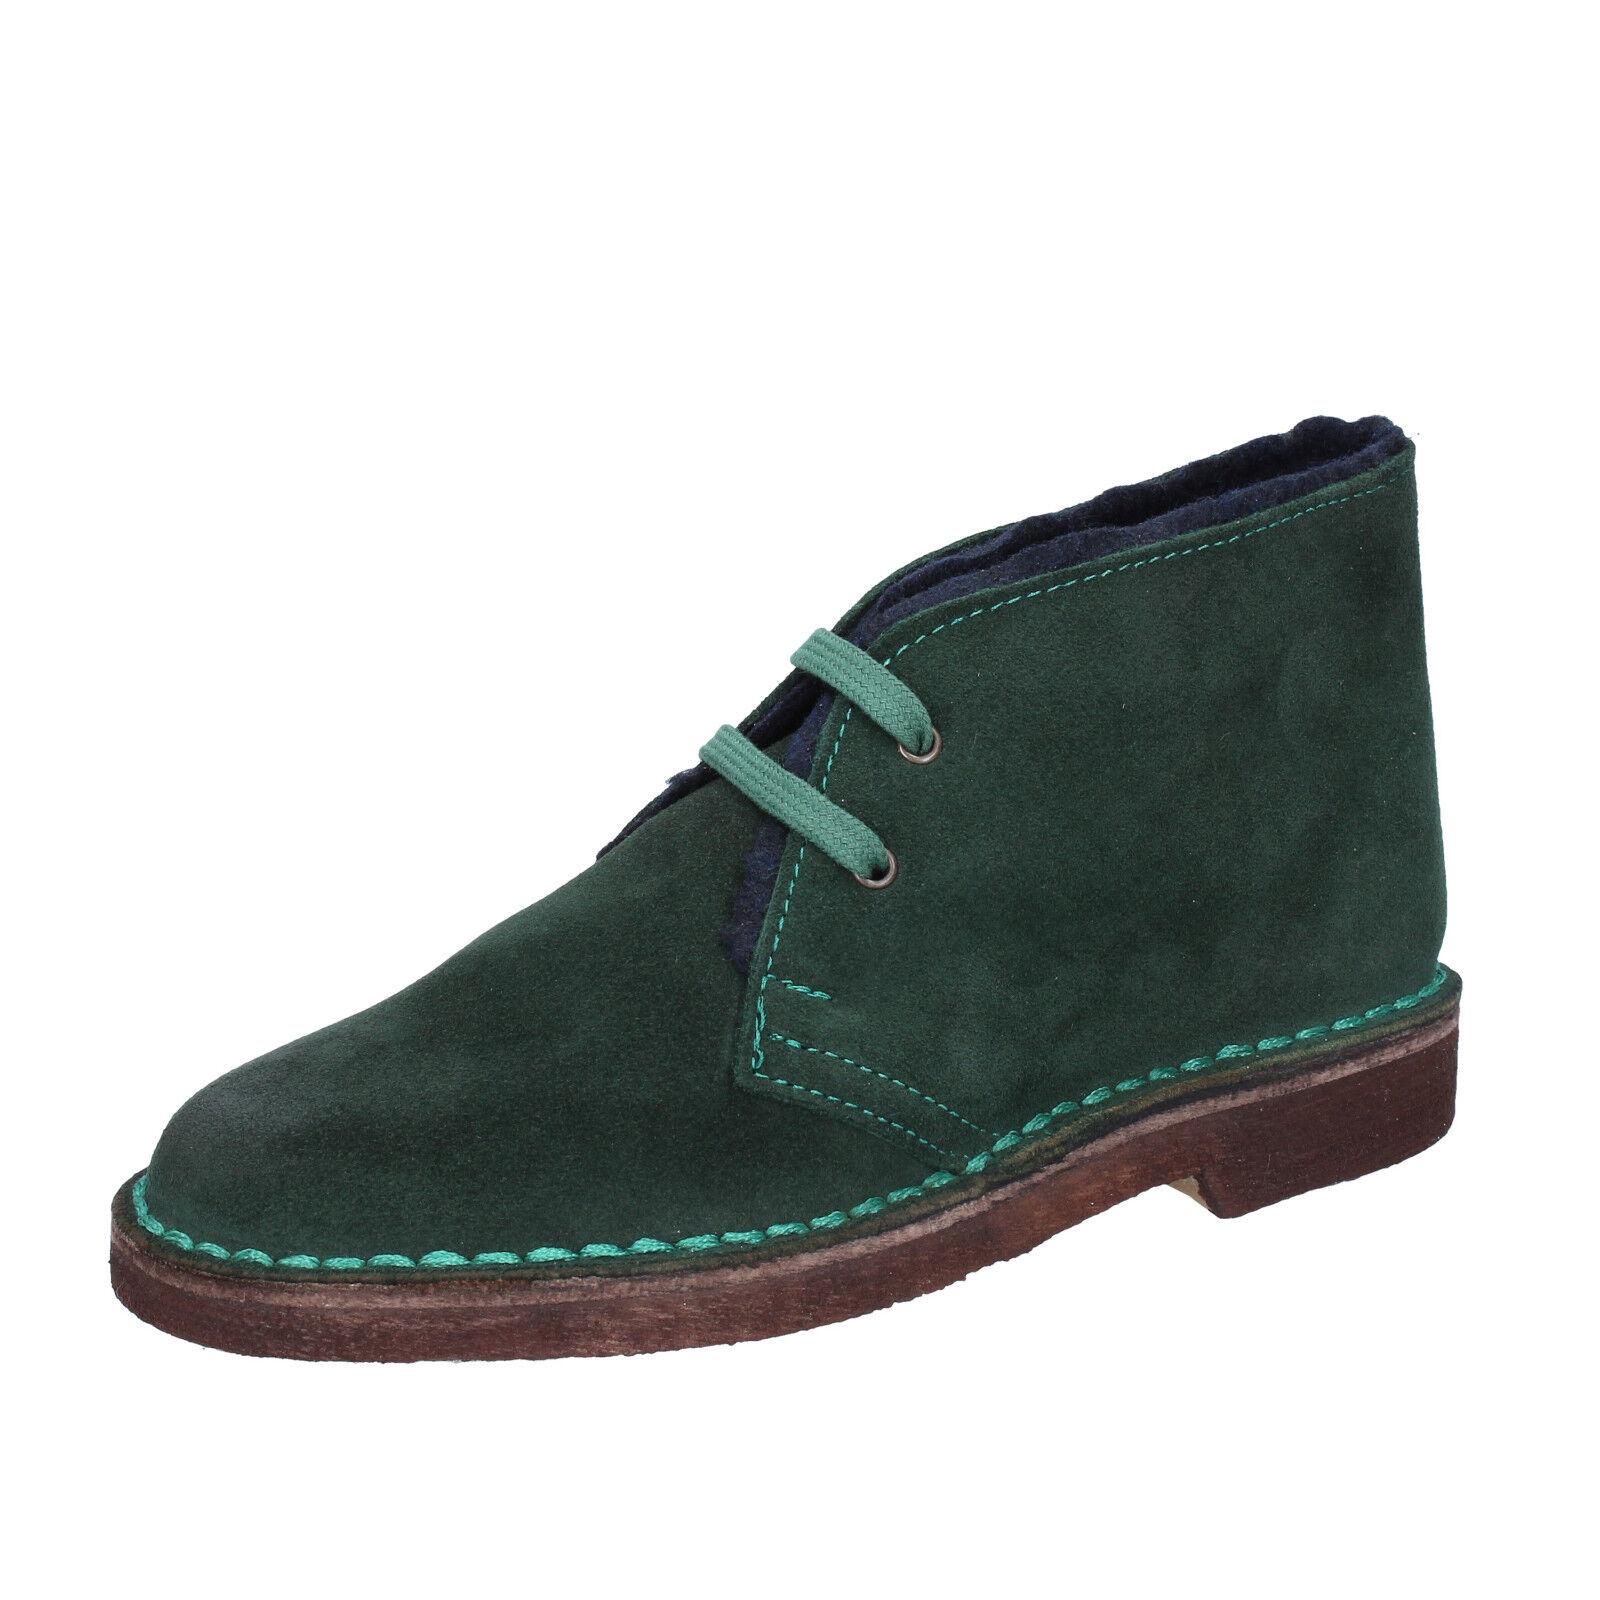 Damen schuhe KEPS BY CORAF 36 EU desert boots grün wildleder BX675-36